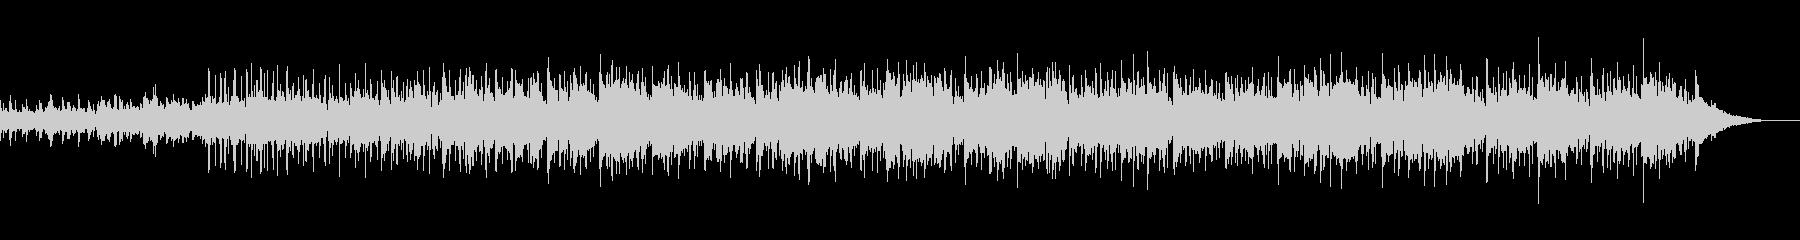 ライブ配信のテーマ曲としてBGMの未再生の波形